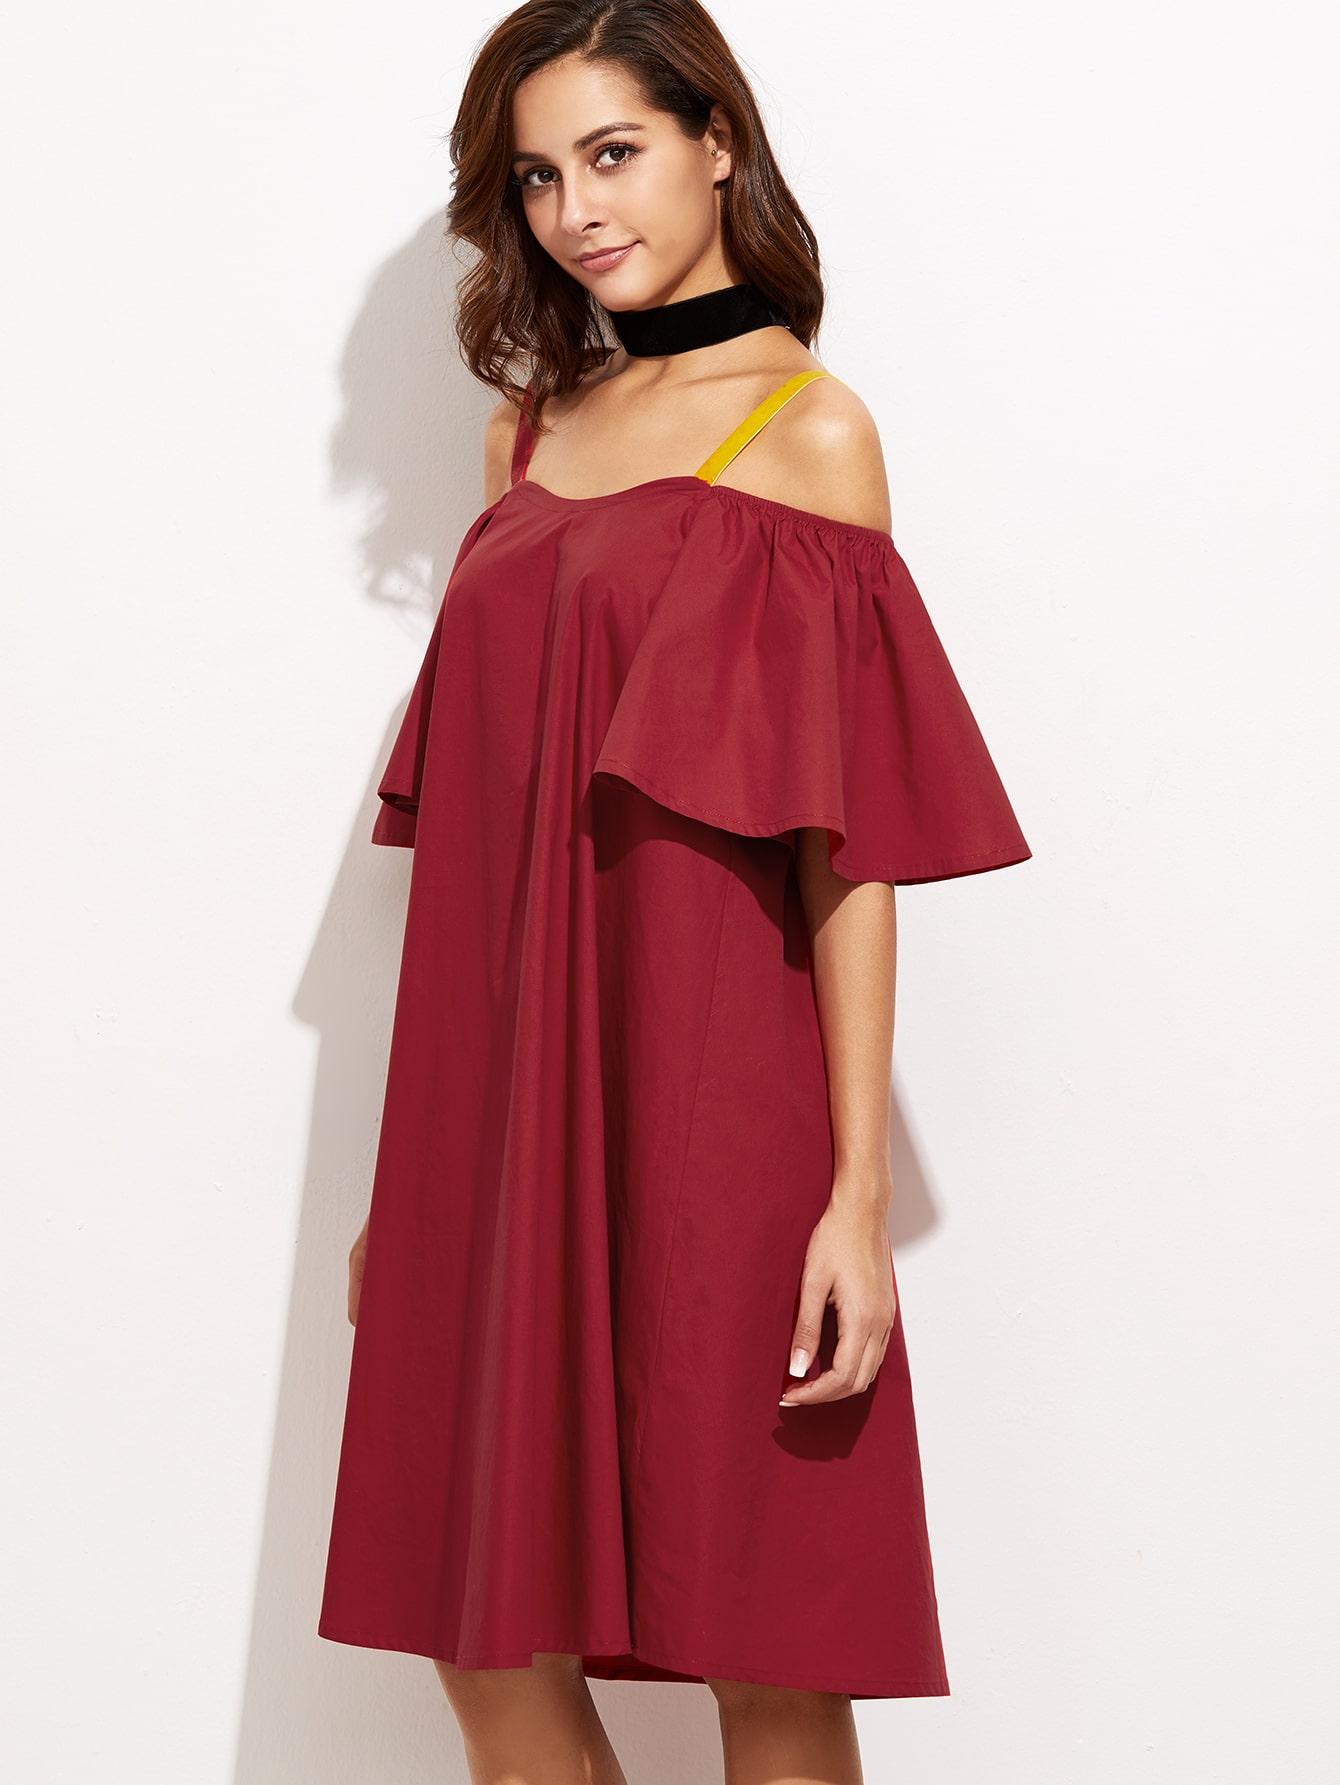 dress160929701_2